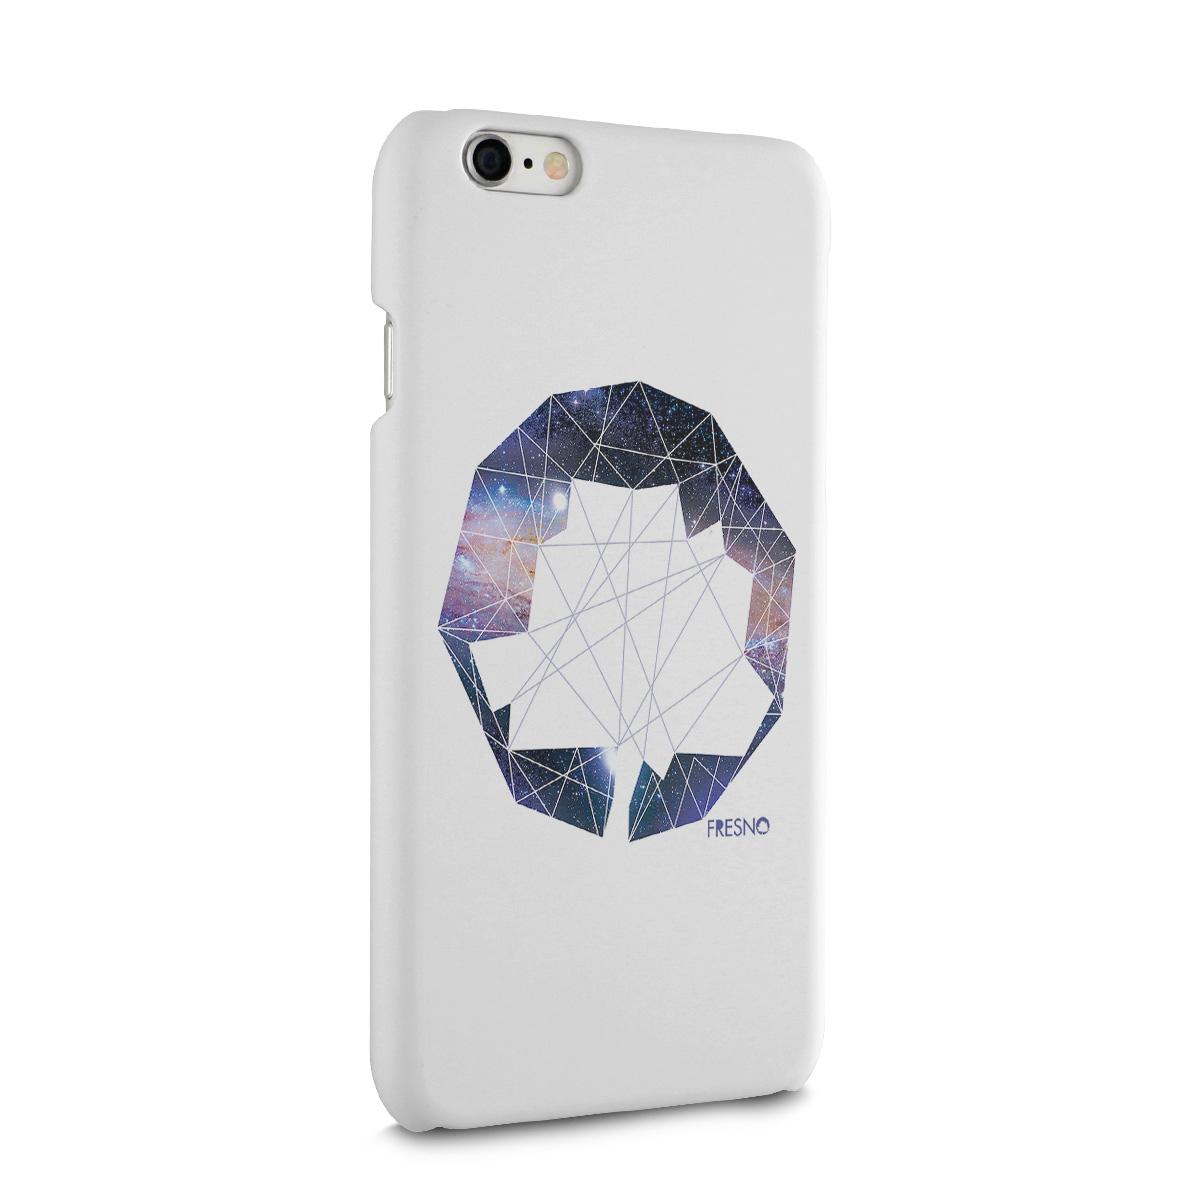 Capa para iPhone 6/6S Fresno Logo Galáxias